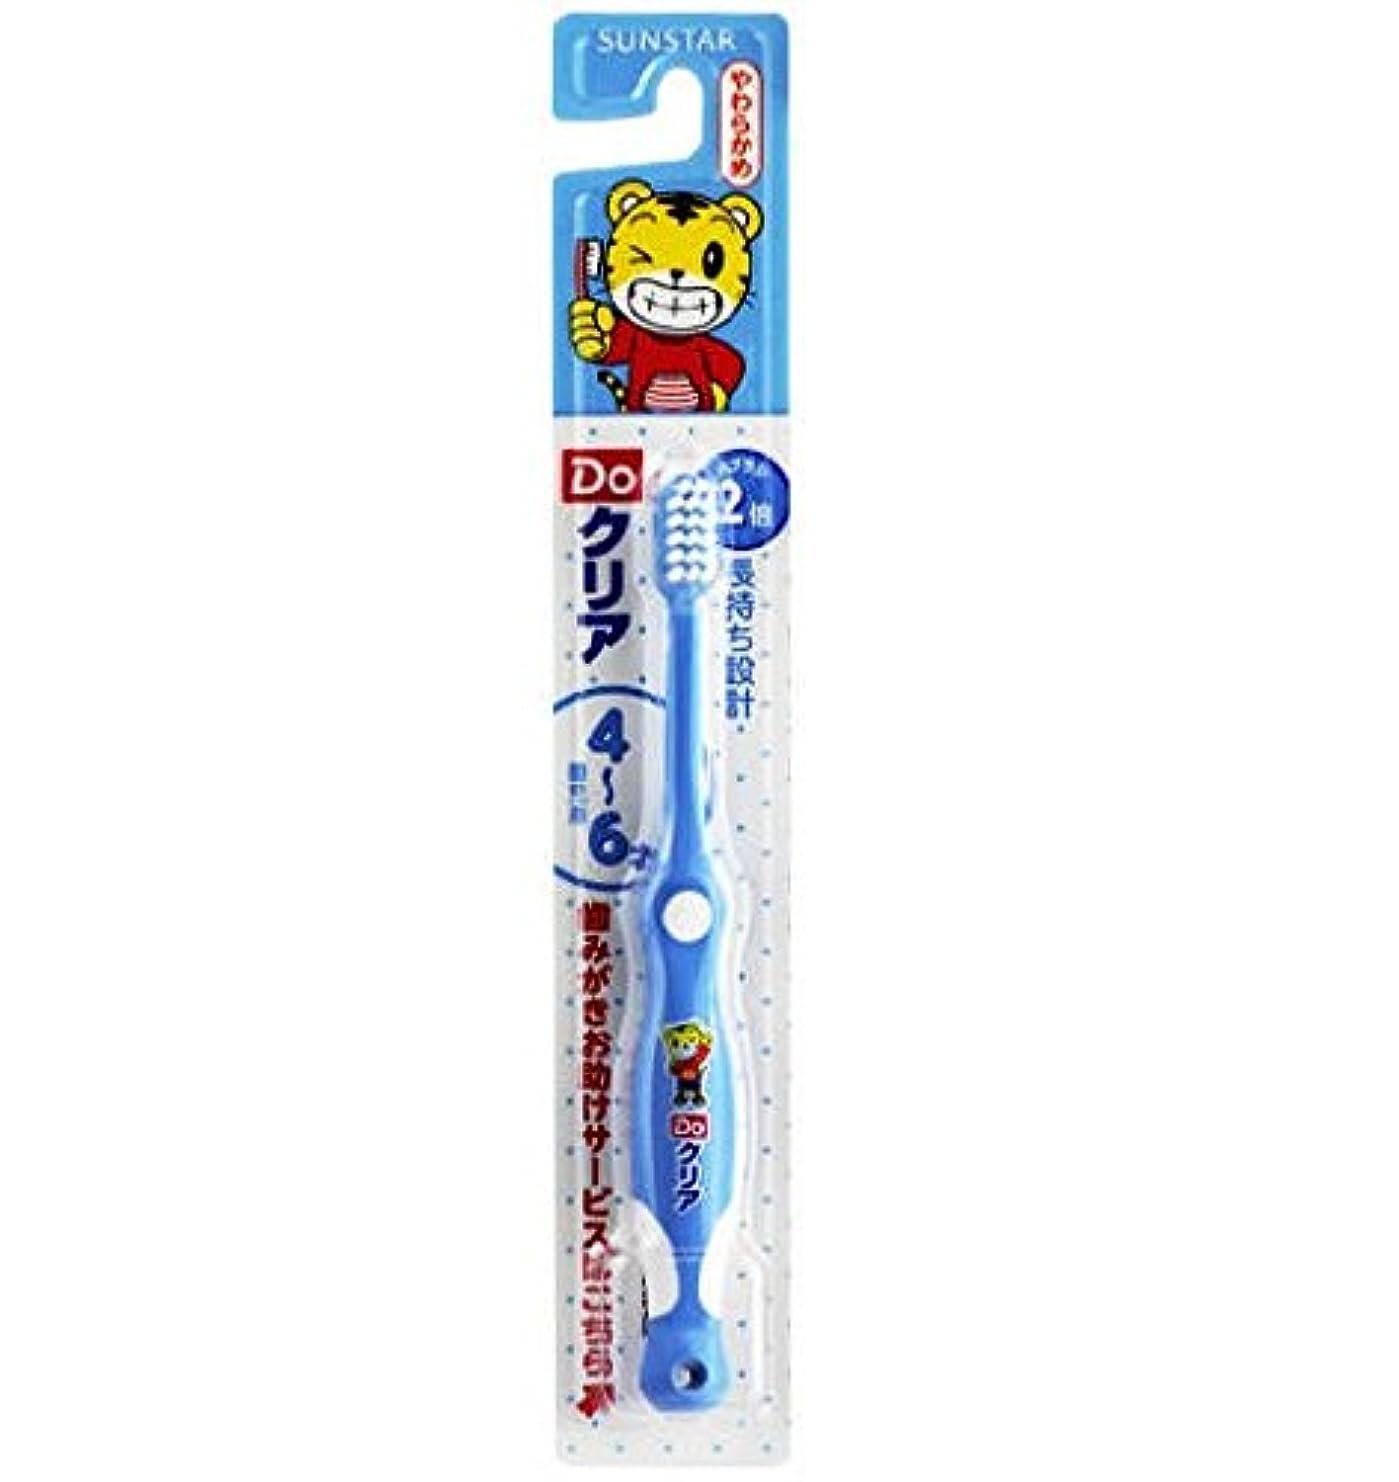 特別な偽装するクモDoクリア こどもハブラシ 園児用 4-6才 やわらかめ:ブルー